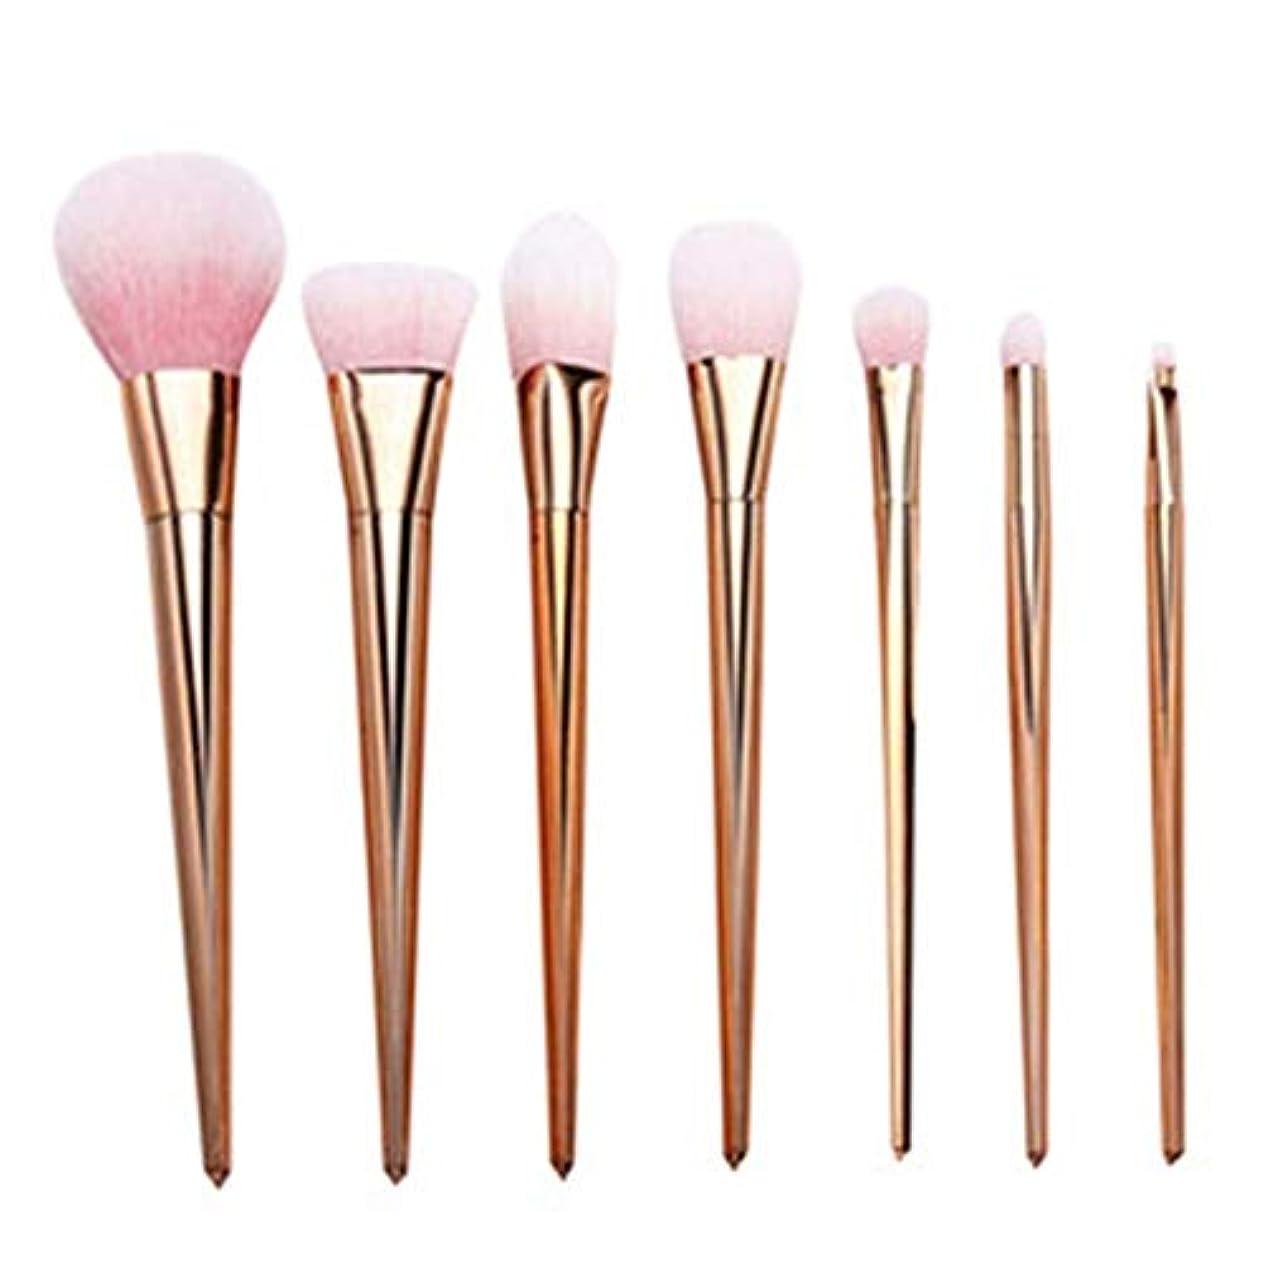 置換経験者縫い目プロ メイクブラシ 化粧筆 シリーズ 化粧ブラシセット 高級タクロン 超柔らかい 可愛い リップブラシツール 7本セット (Color : Rose Gold)